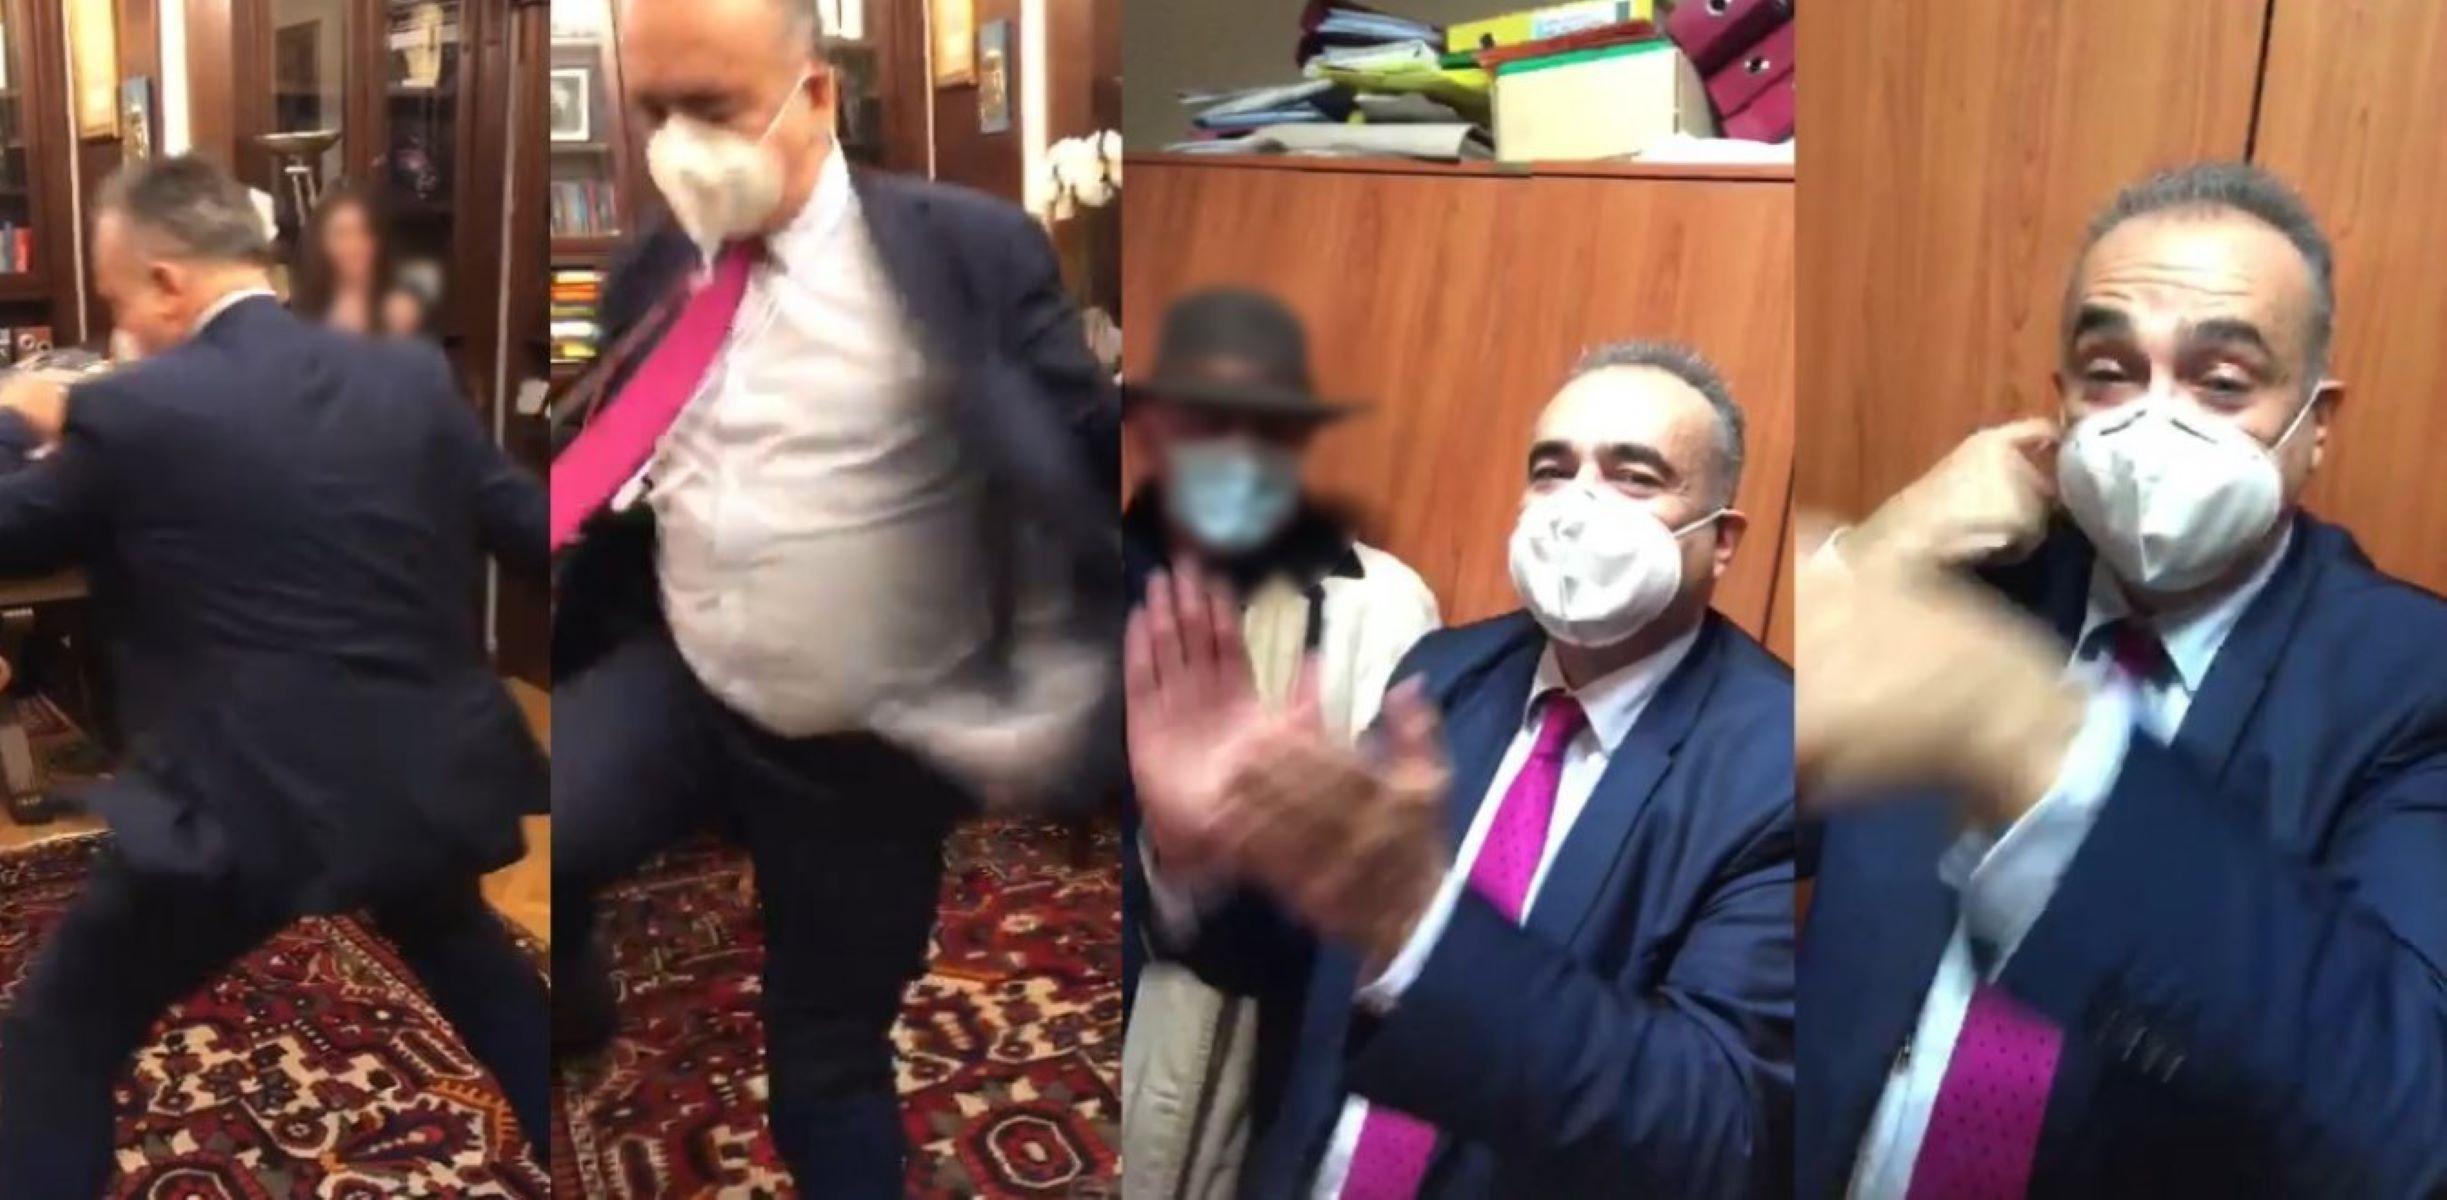 Δημήτρης Βερβεσός : Προκαταρκτική έρευνα για το πάρτι εν μέσω lockdown [vid, pics]